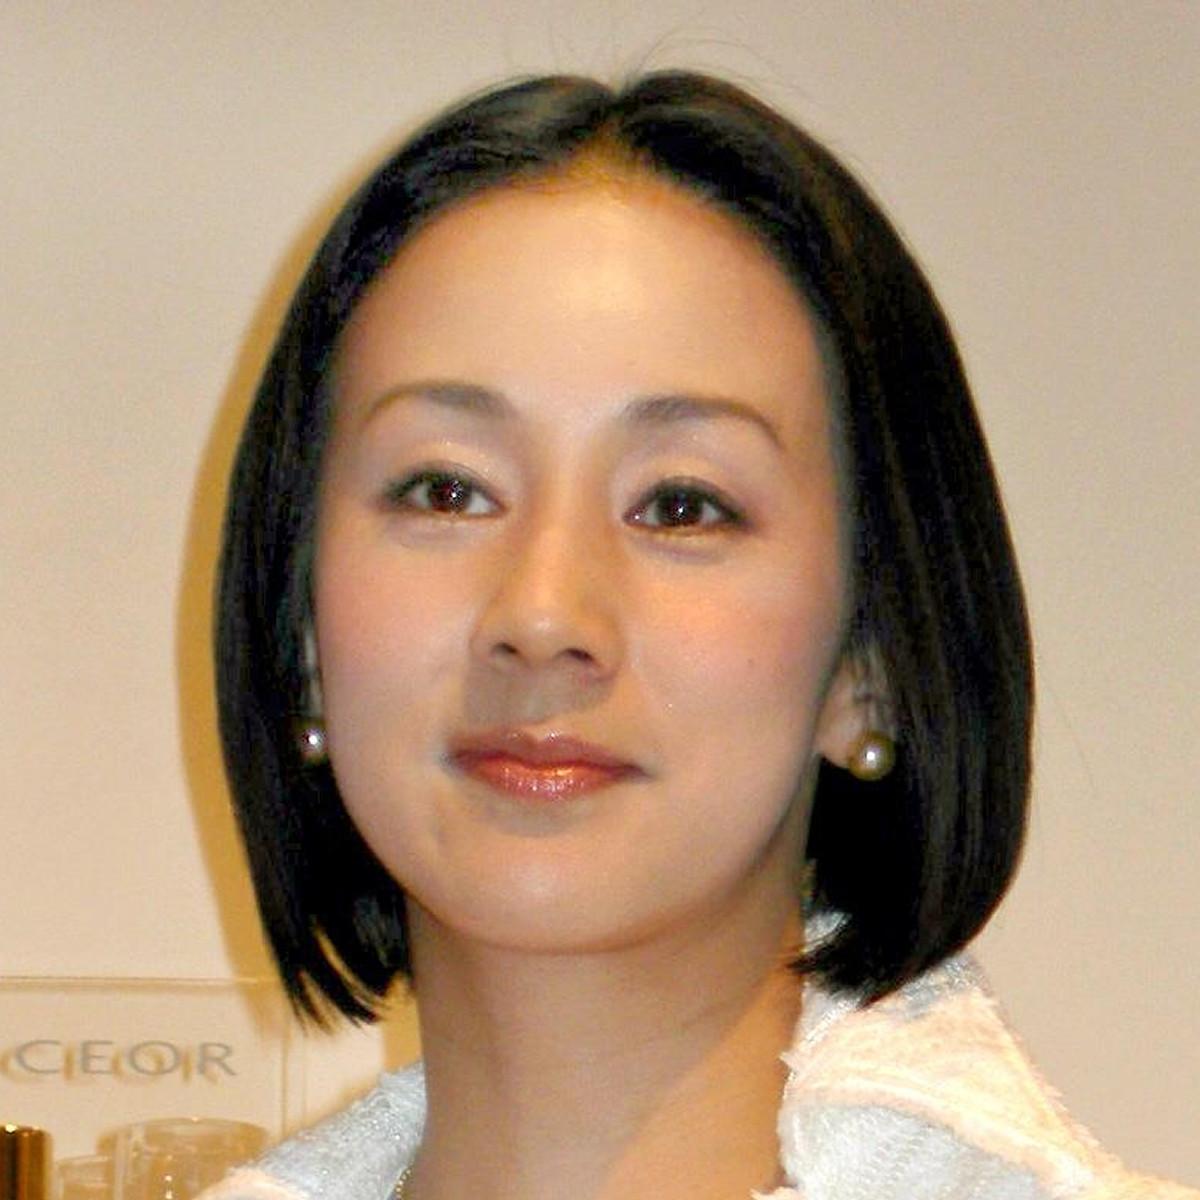 中村江里子「第三者の手により」インスタアカウント消滅…「どうにもならない気持ちでいっぱいです」 : スポーツ報知